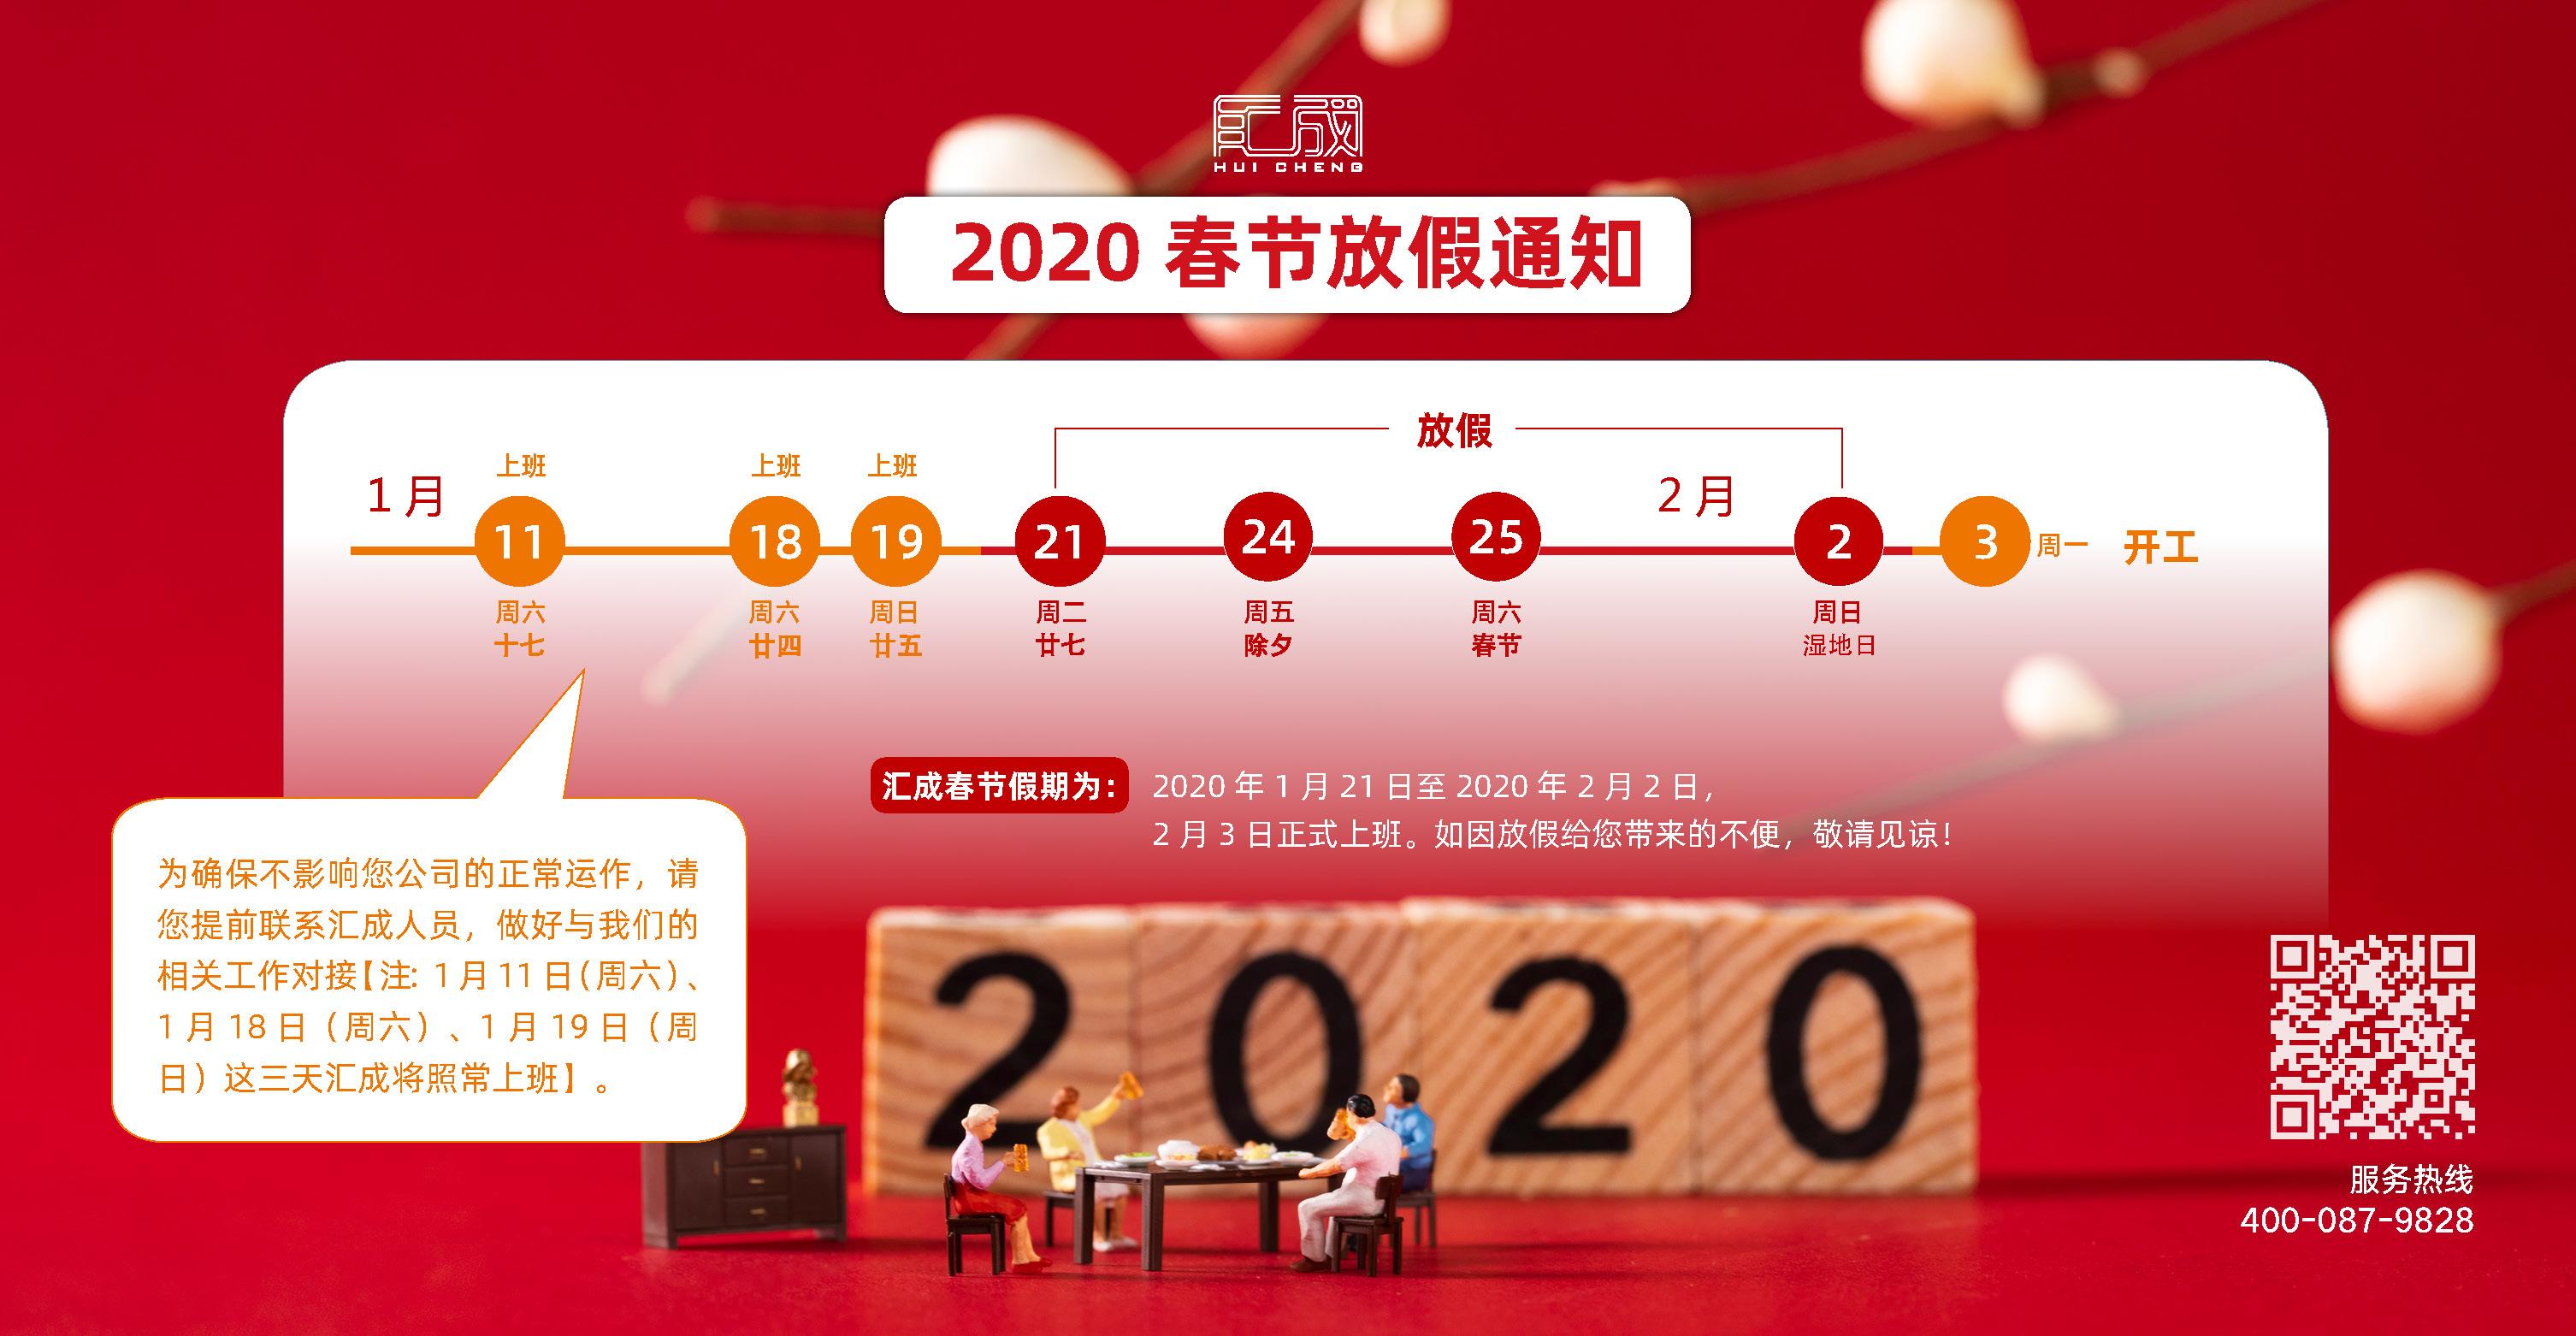 汇成财务2020春节放假安排